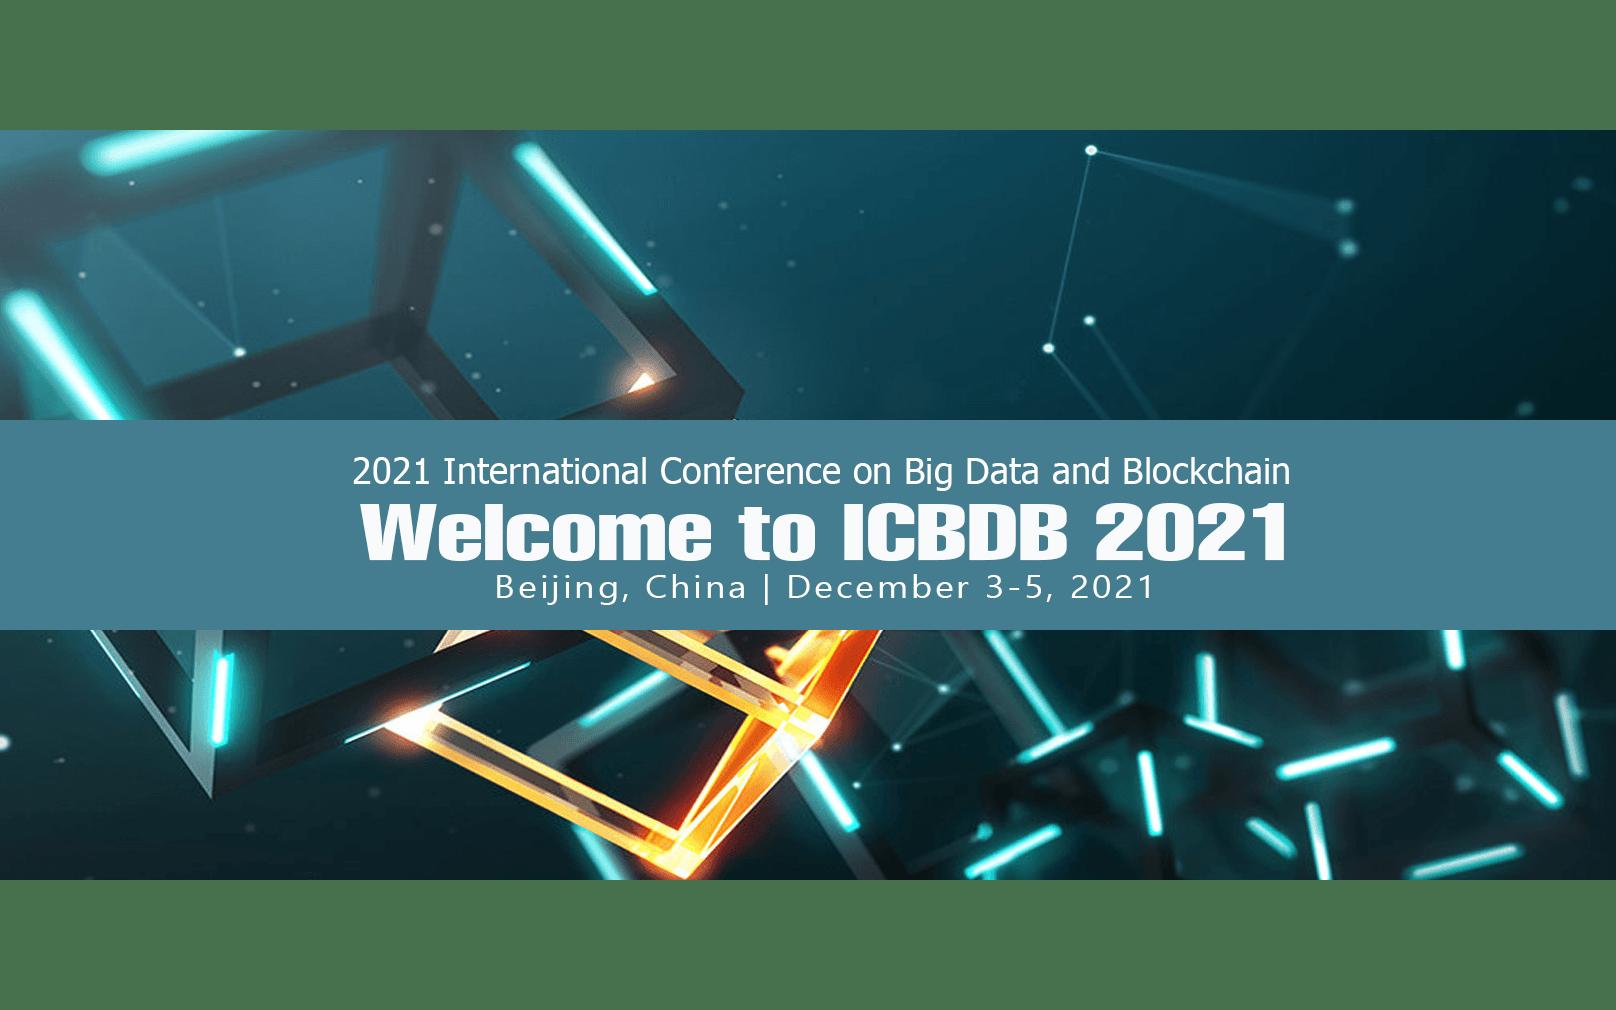 2021年第三届大数据与区块链国际会议(ICBDB 2021)EI检索